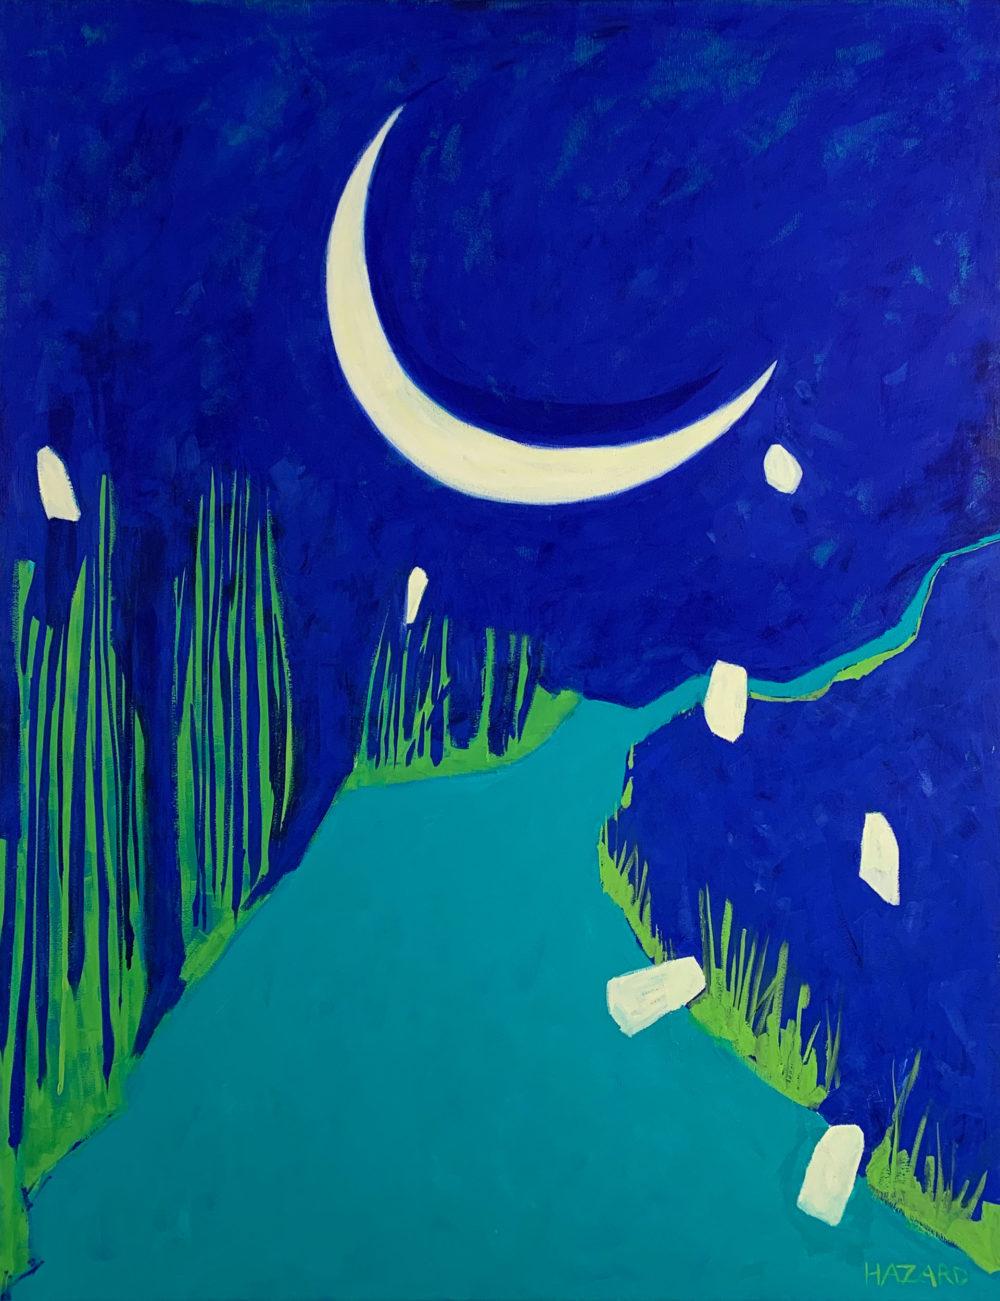 abstract landscape scene by robin hazard | Felder Gallery